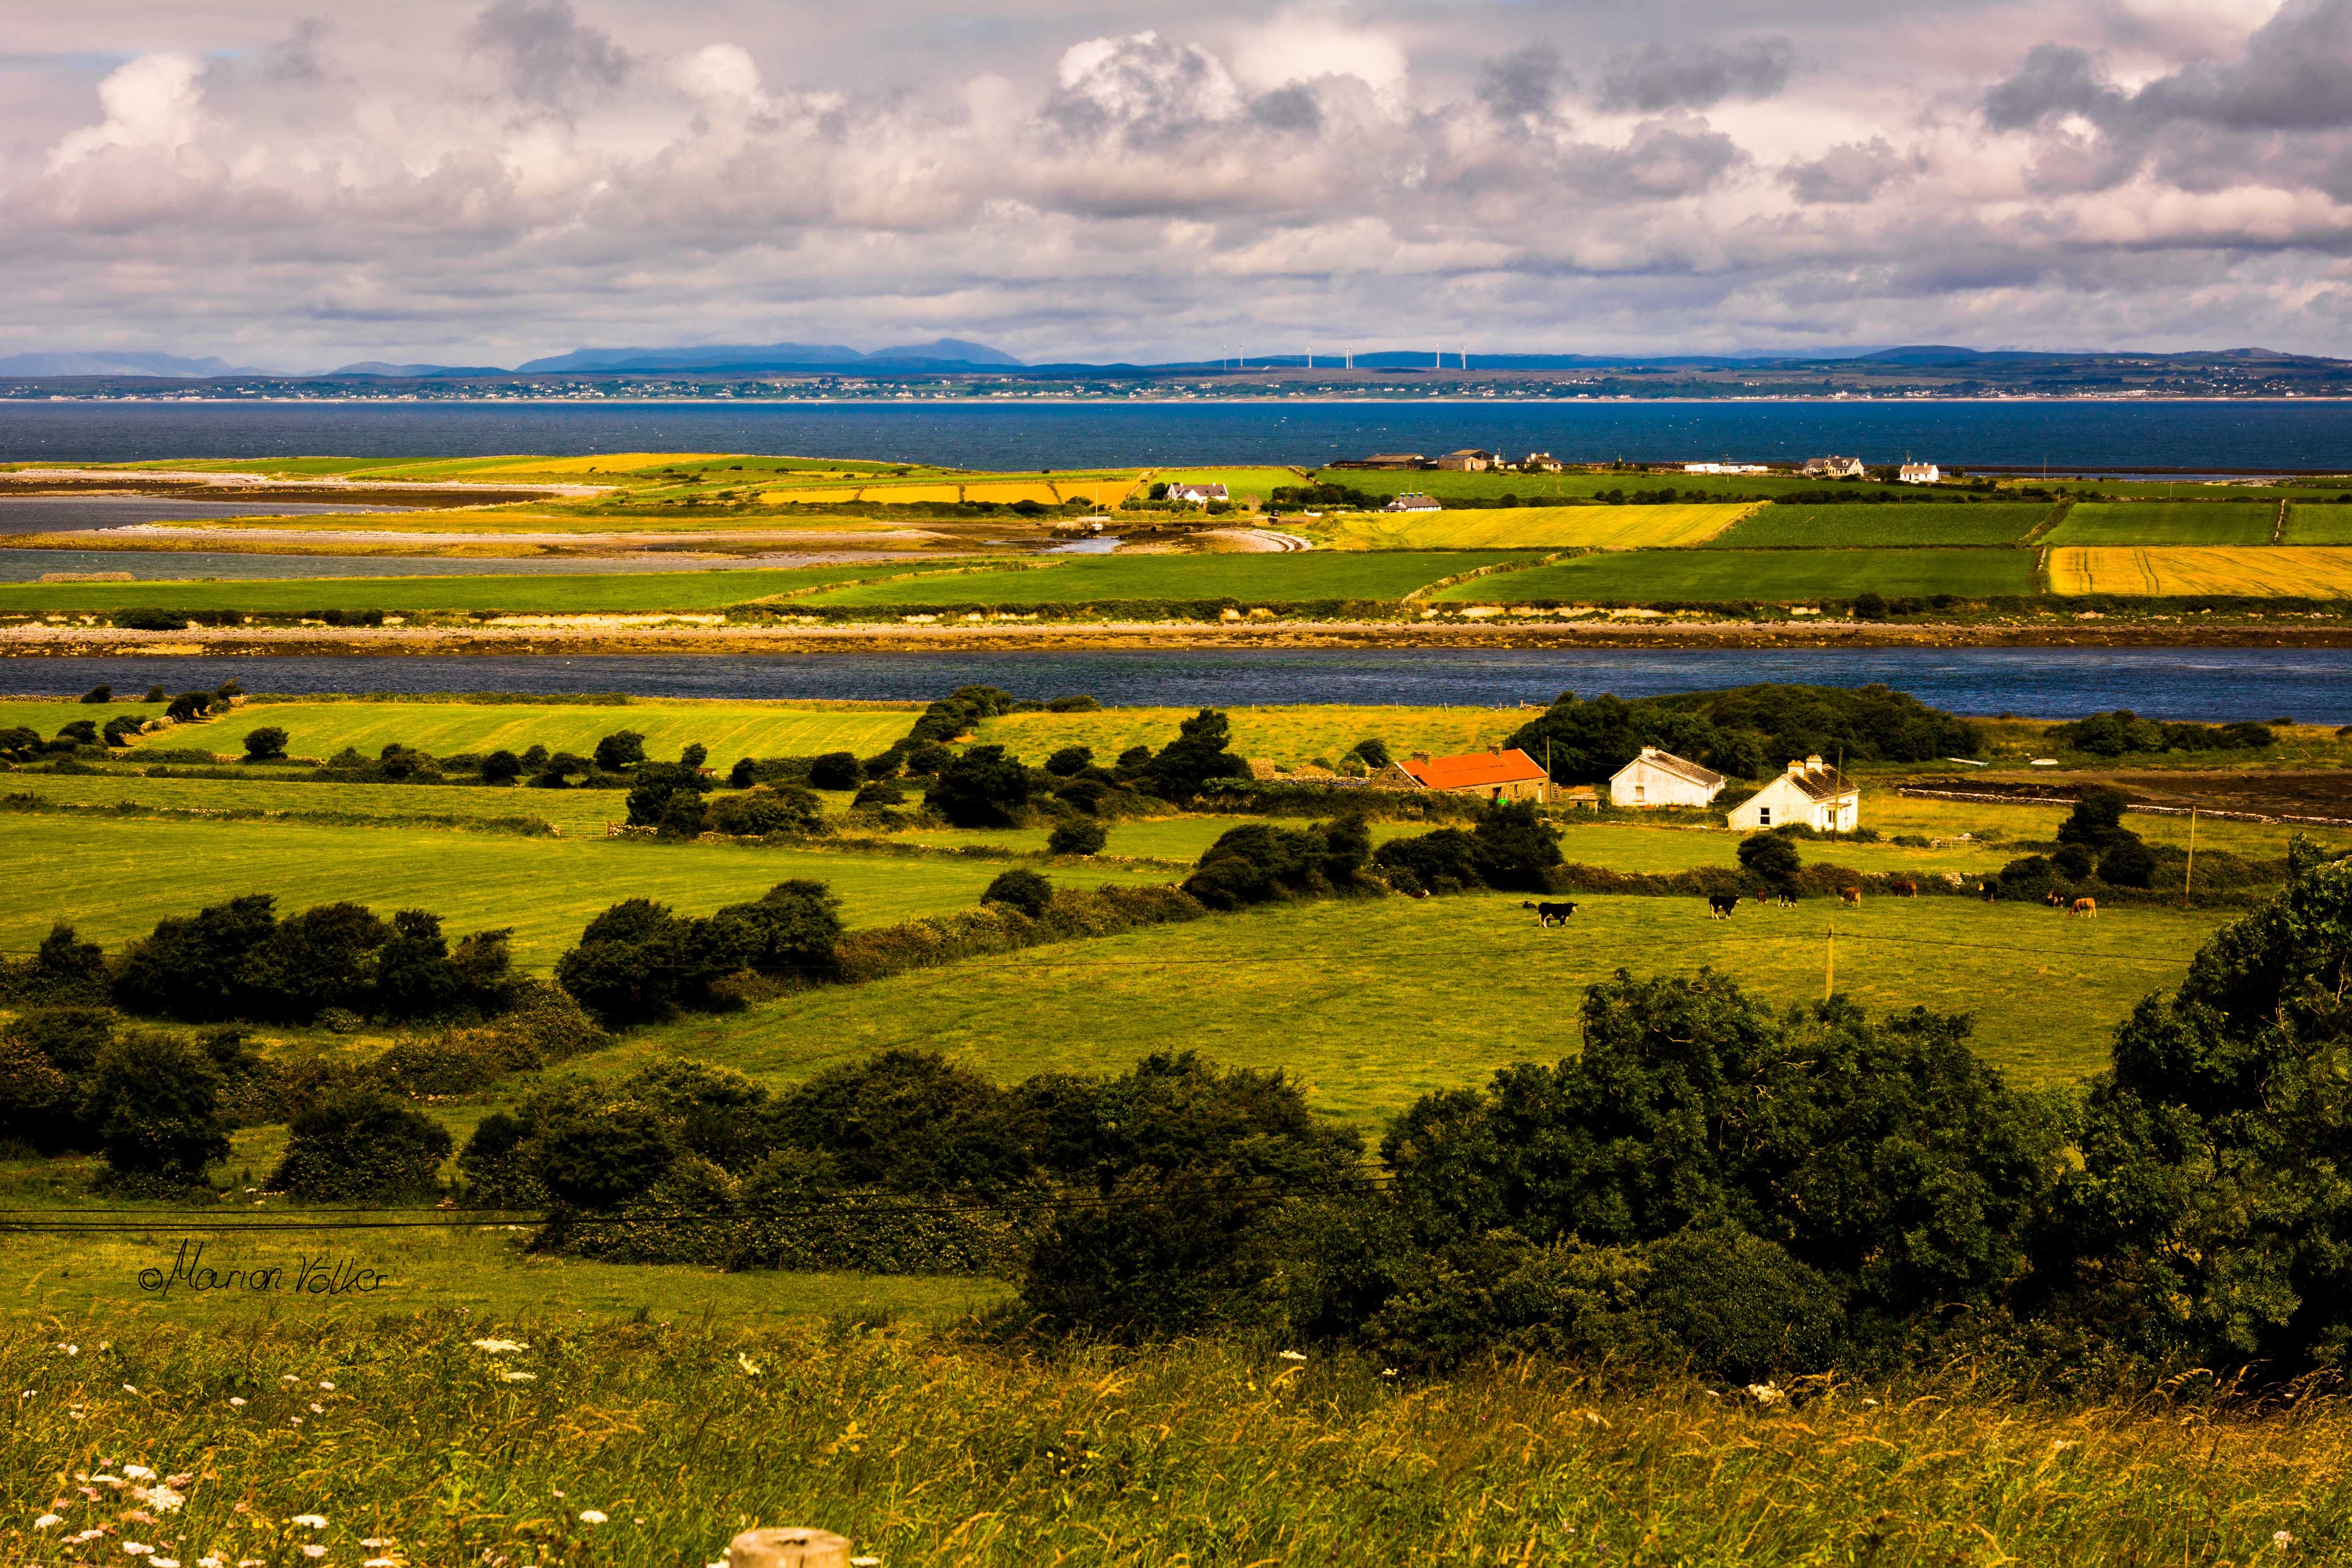 Der Wild Atlantic Way in Irland ist eine der schönsten Küstenstraßen Europas